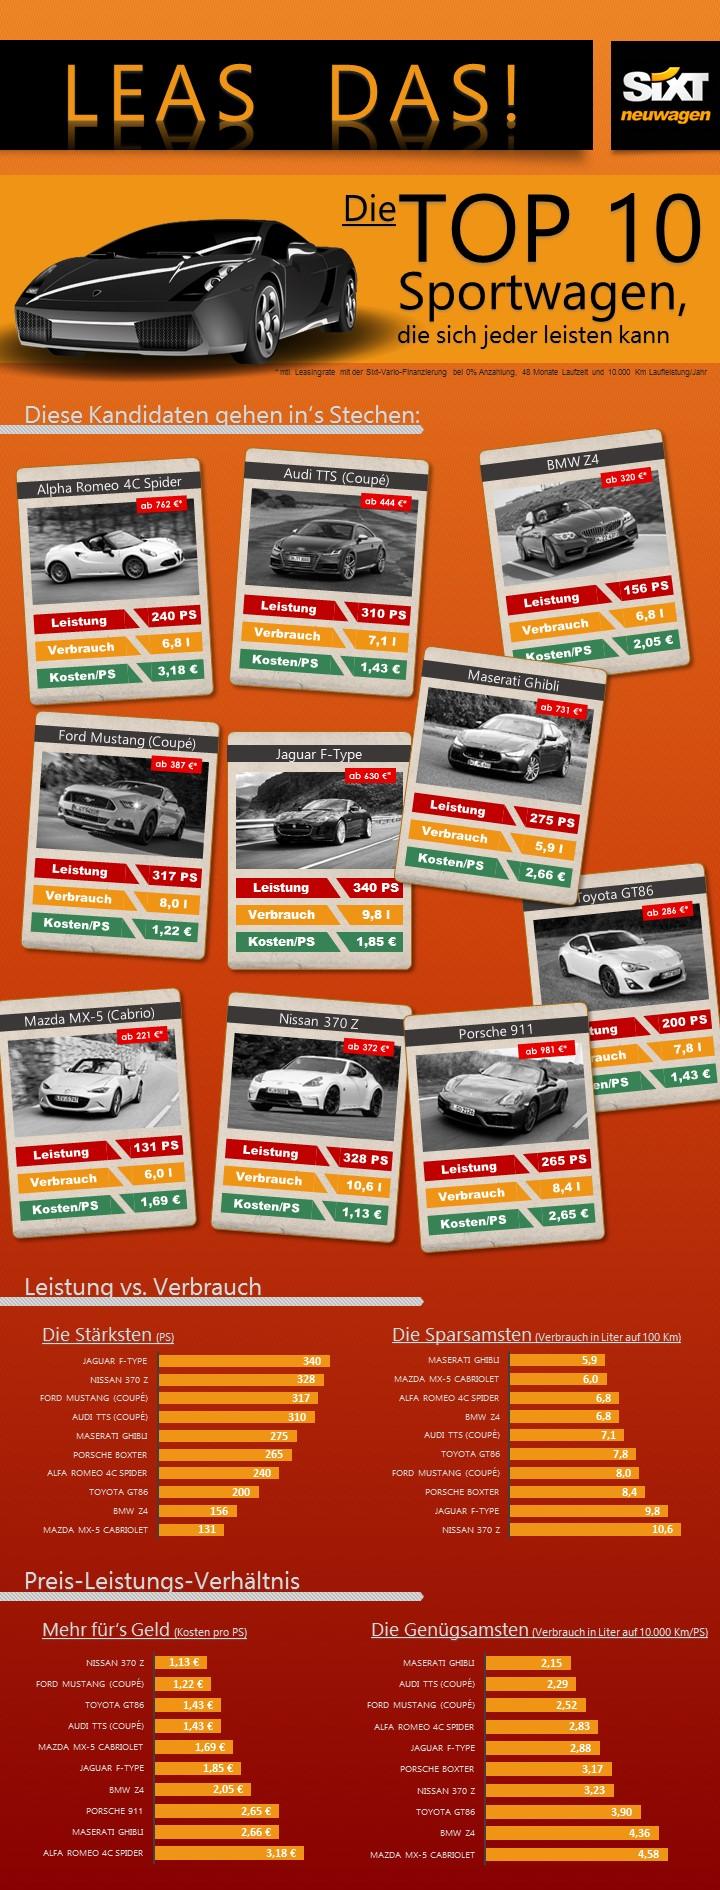 Schnelle Autos wenig Geld | Sixt Neuwagen